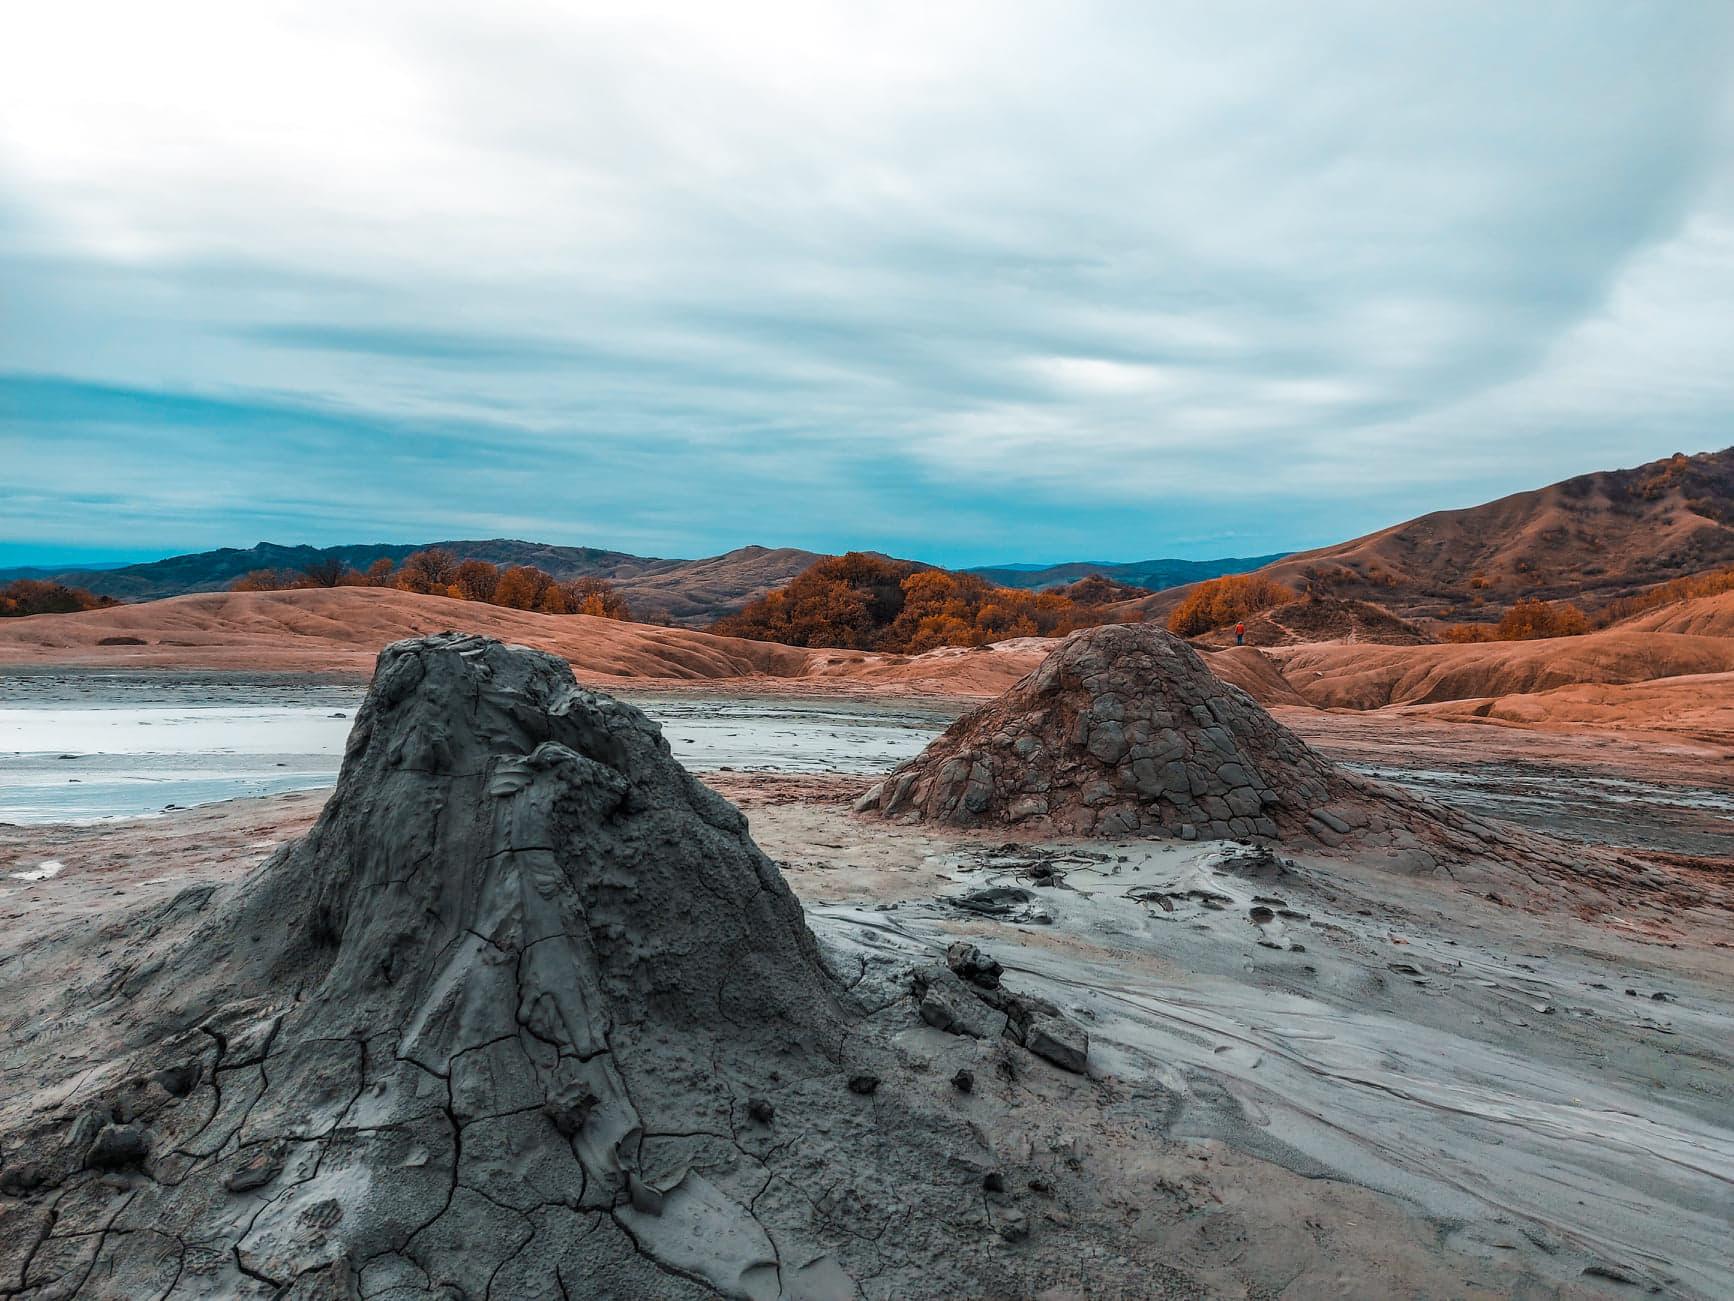 Varfurile tuguiate ale vulcanilor noroiosi de la Pacelele Mici